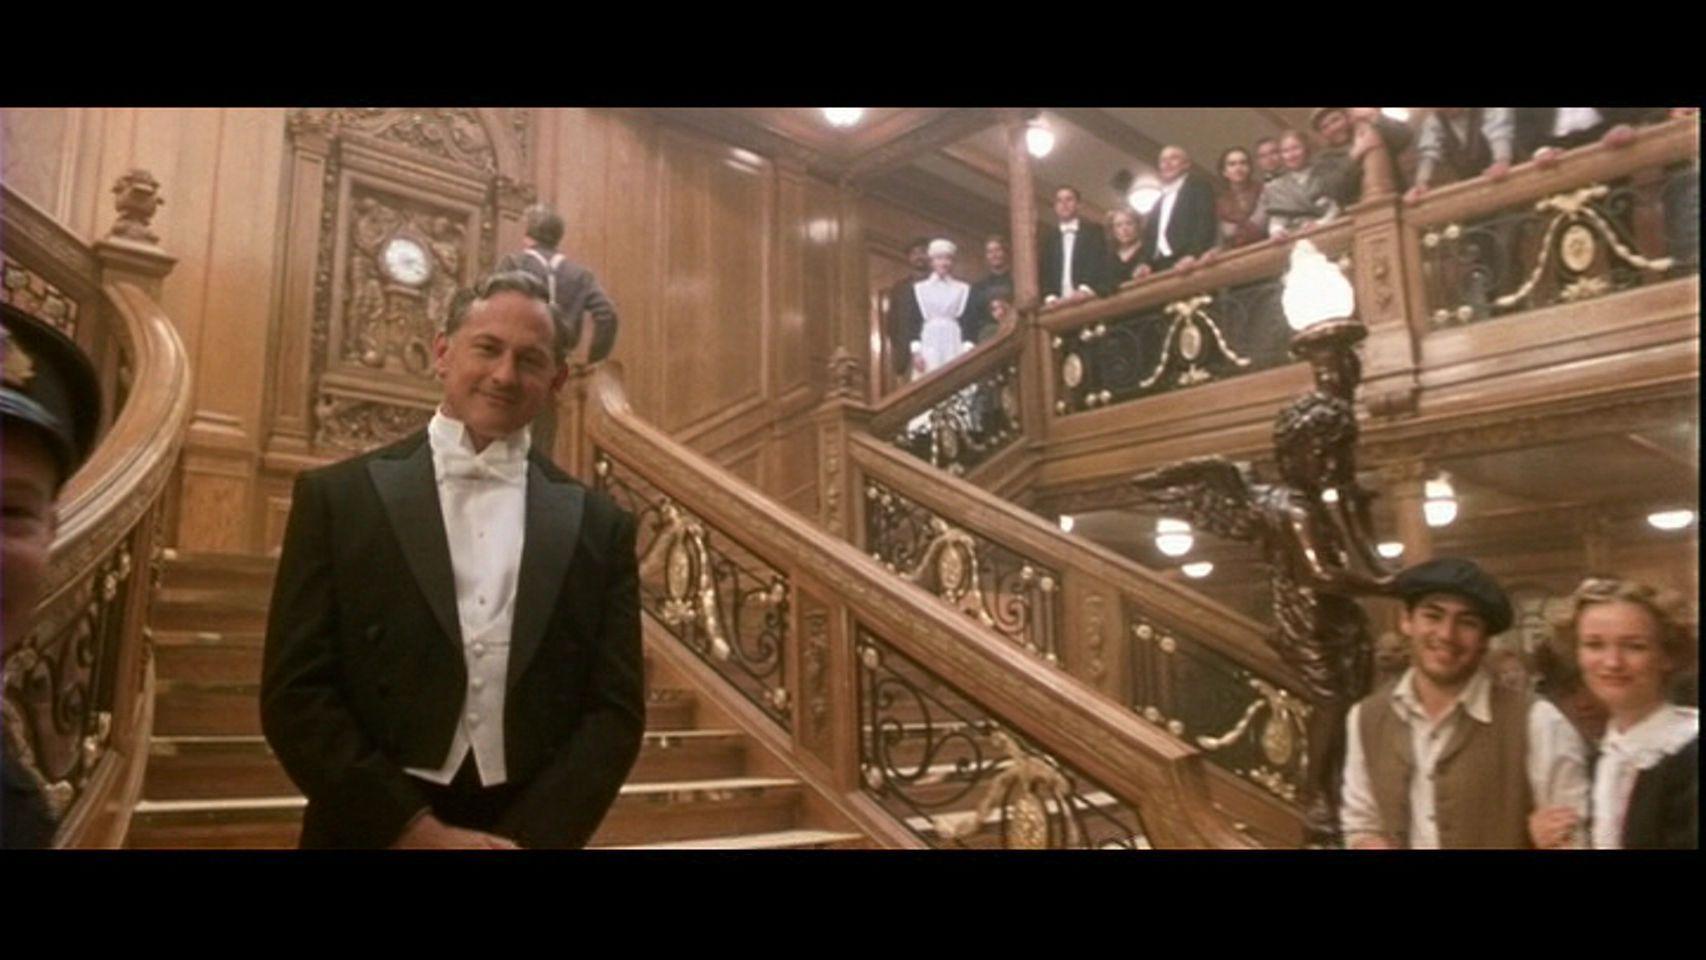 Titanic [1997] - Titanic Image (22289842) - Fanpop